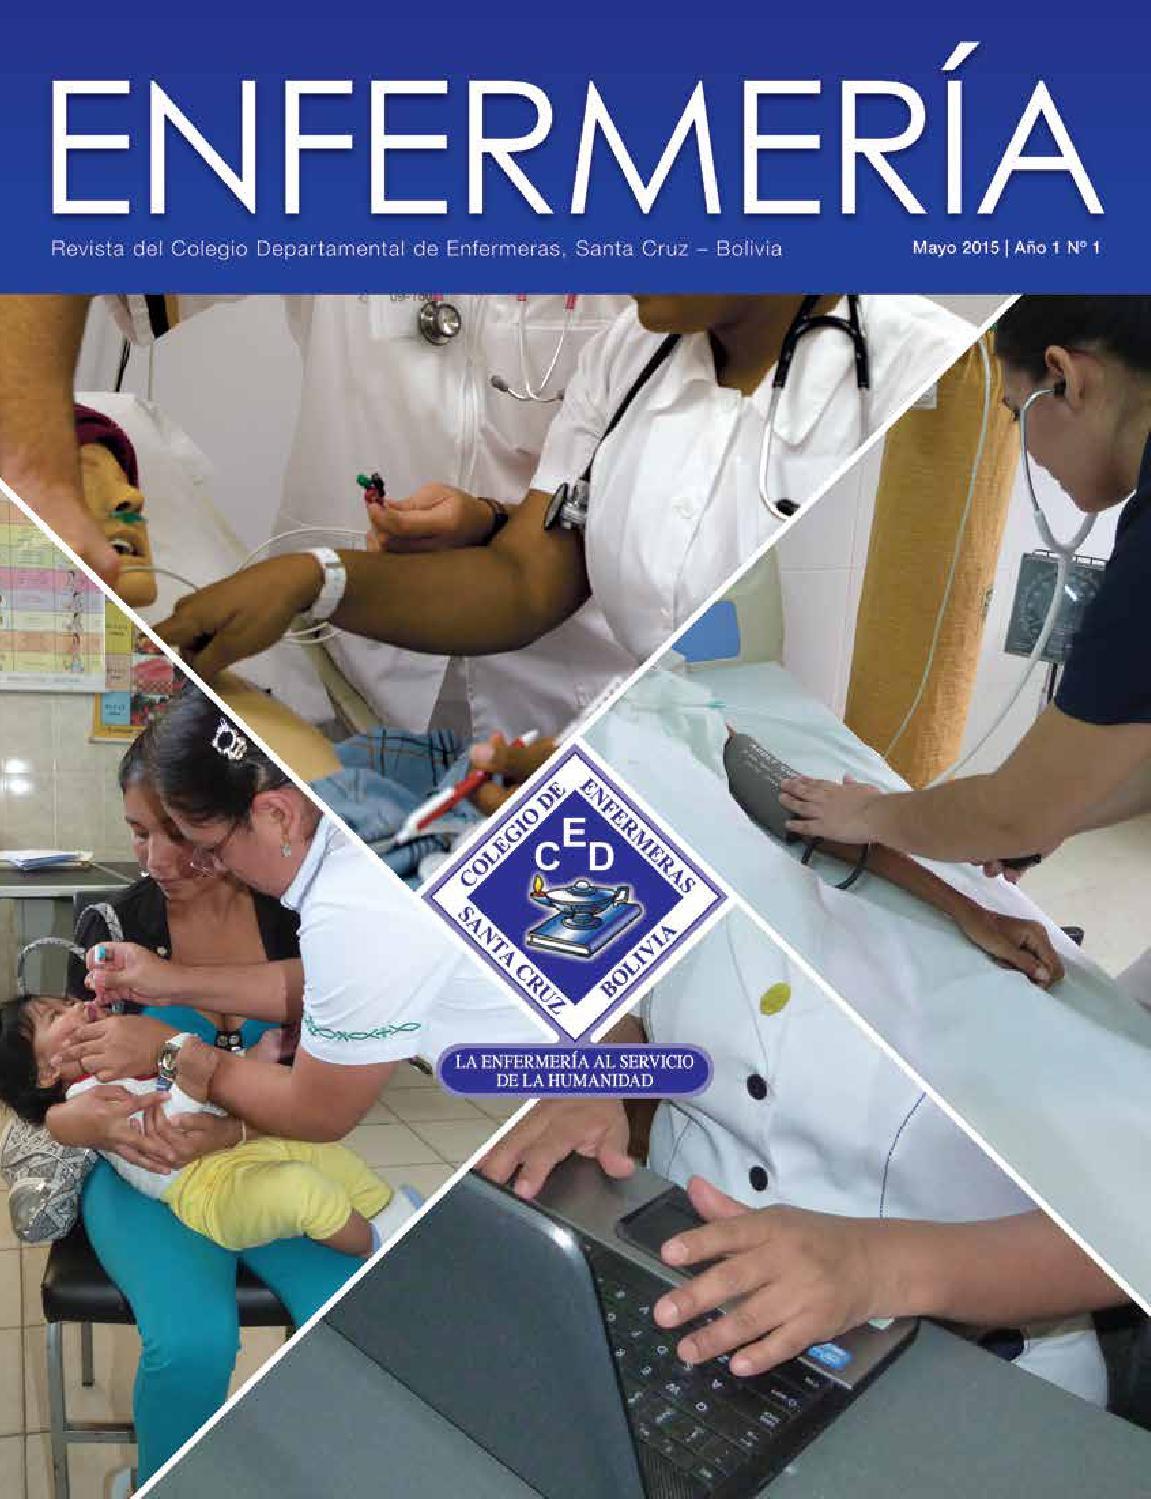 Revista Enfermería by Fabiola Vargas Mejía - issuu